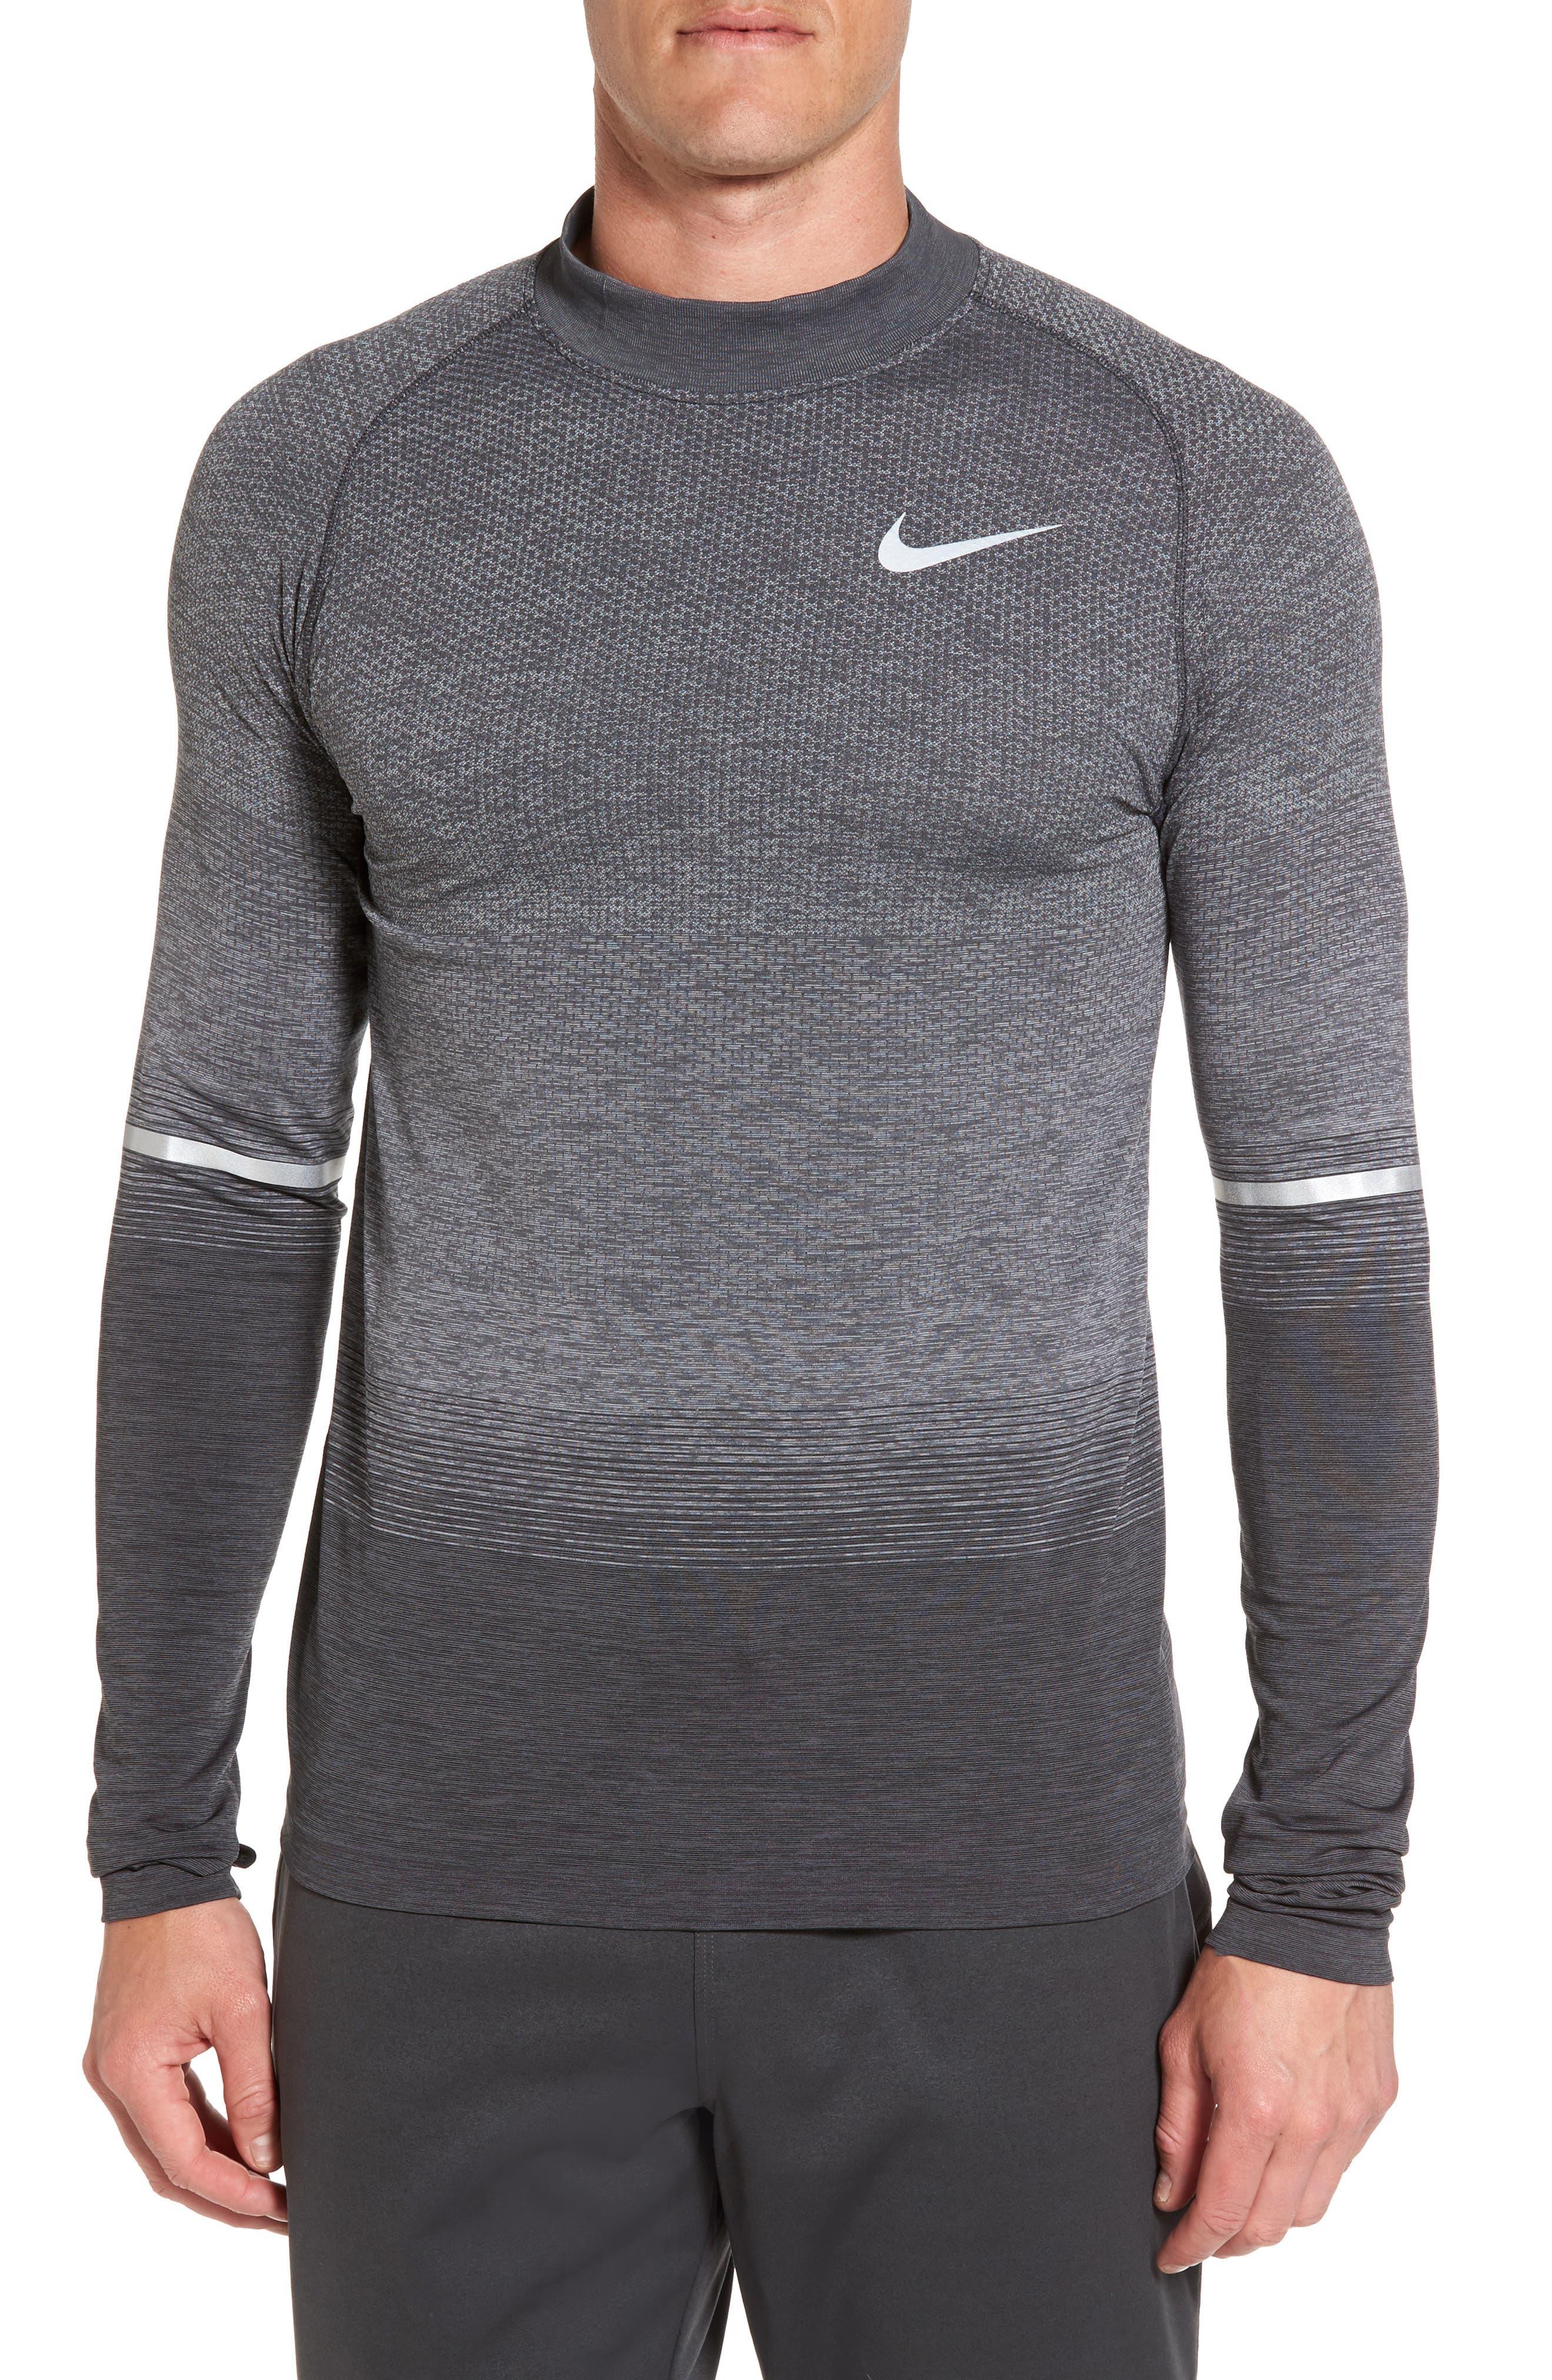 Nike Dry Running Mock Neck Long Sleeve T-Shirt